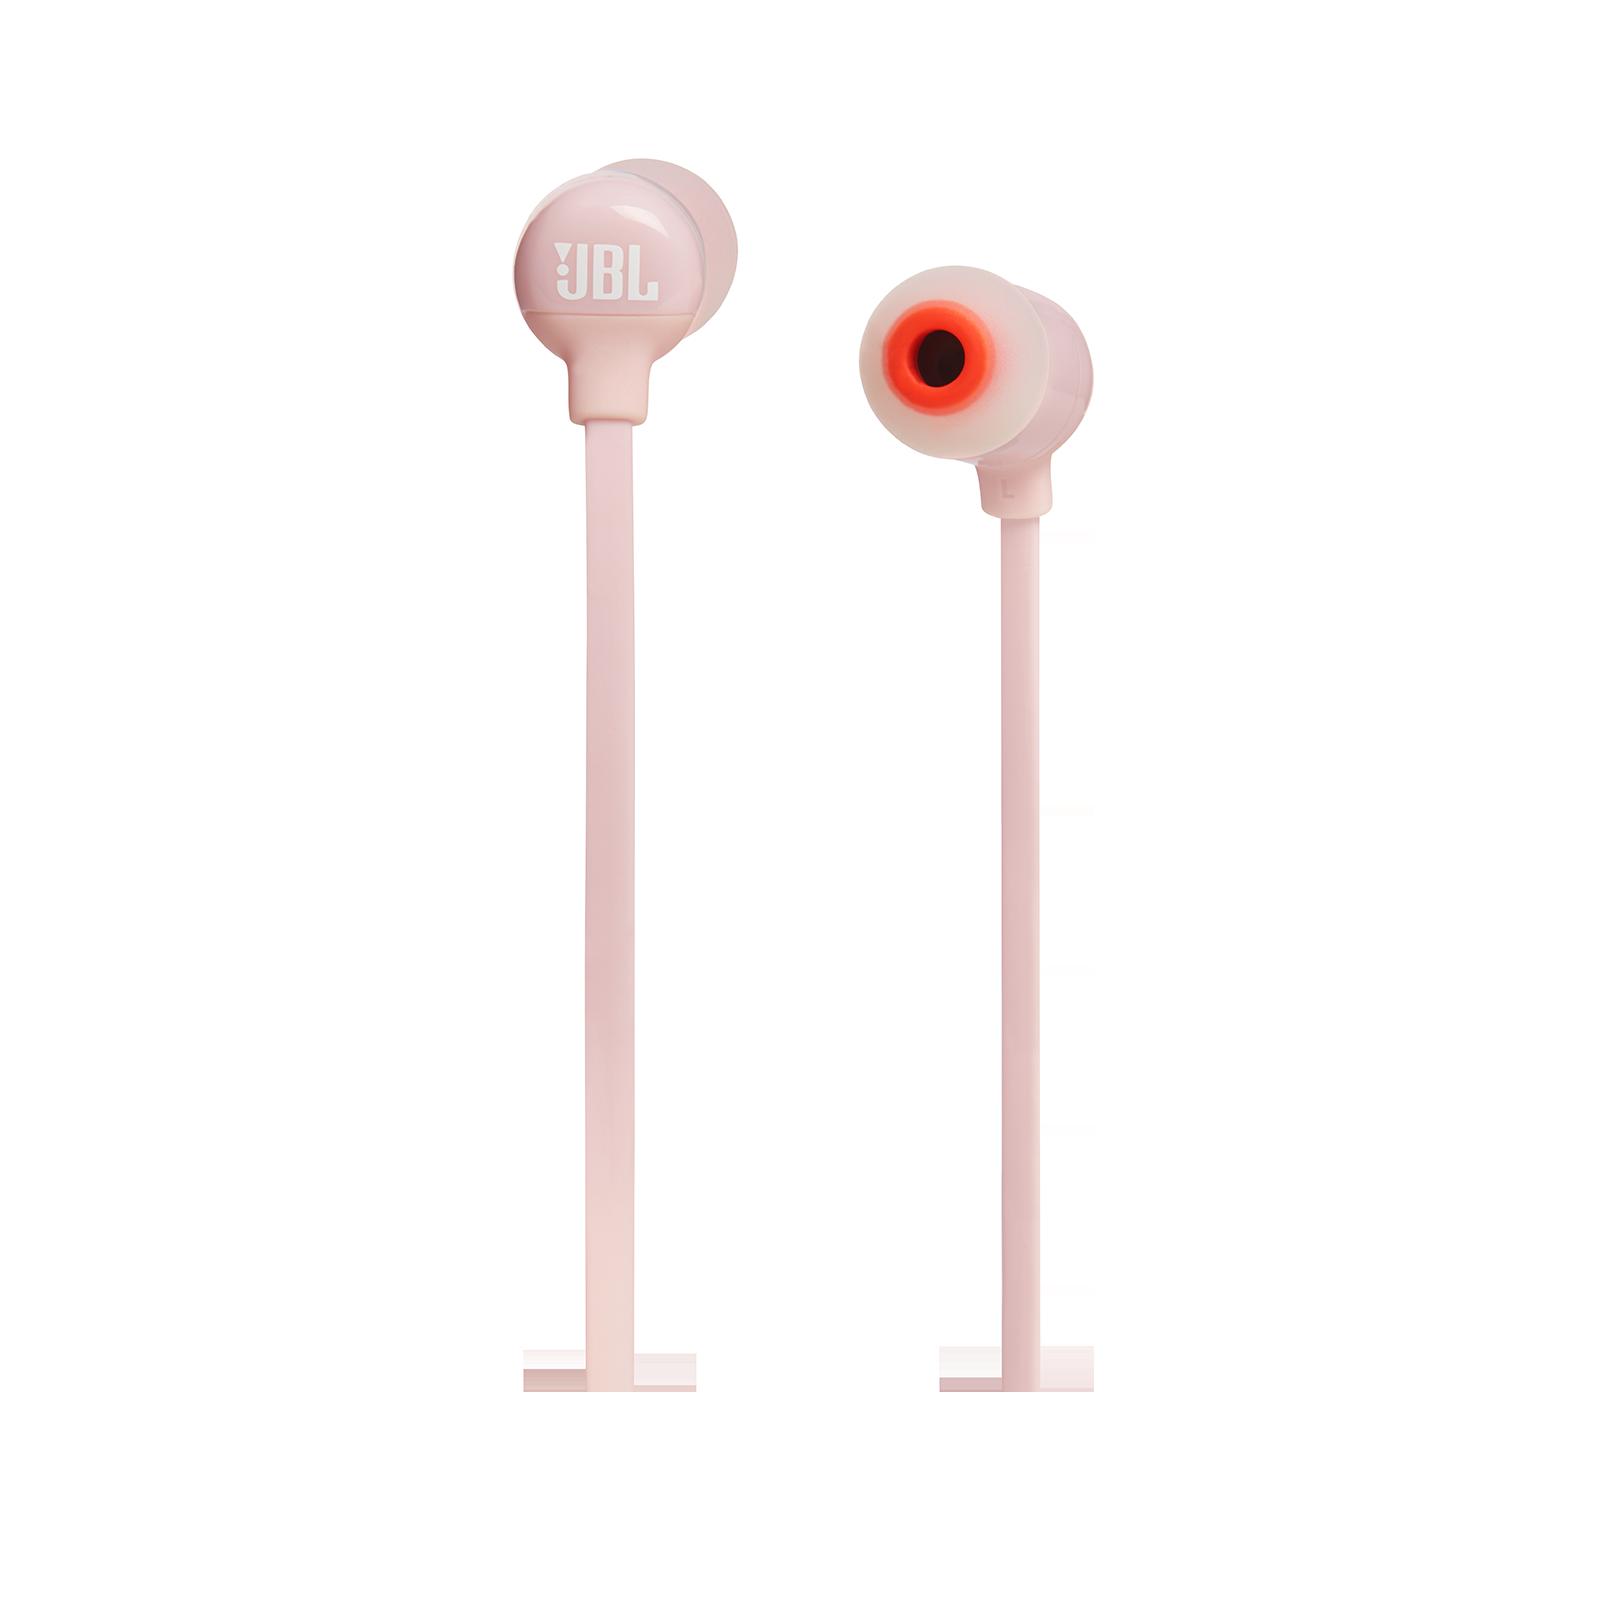 JBL TUNE 110BT - Pink - Wireless in-ear headphones - Detailshot 3